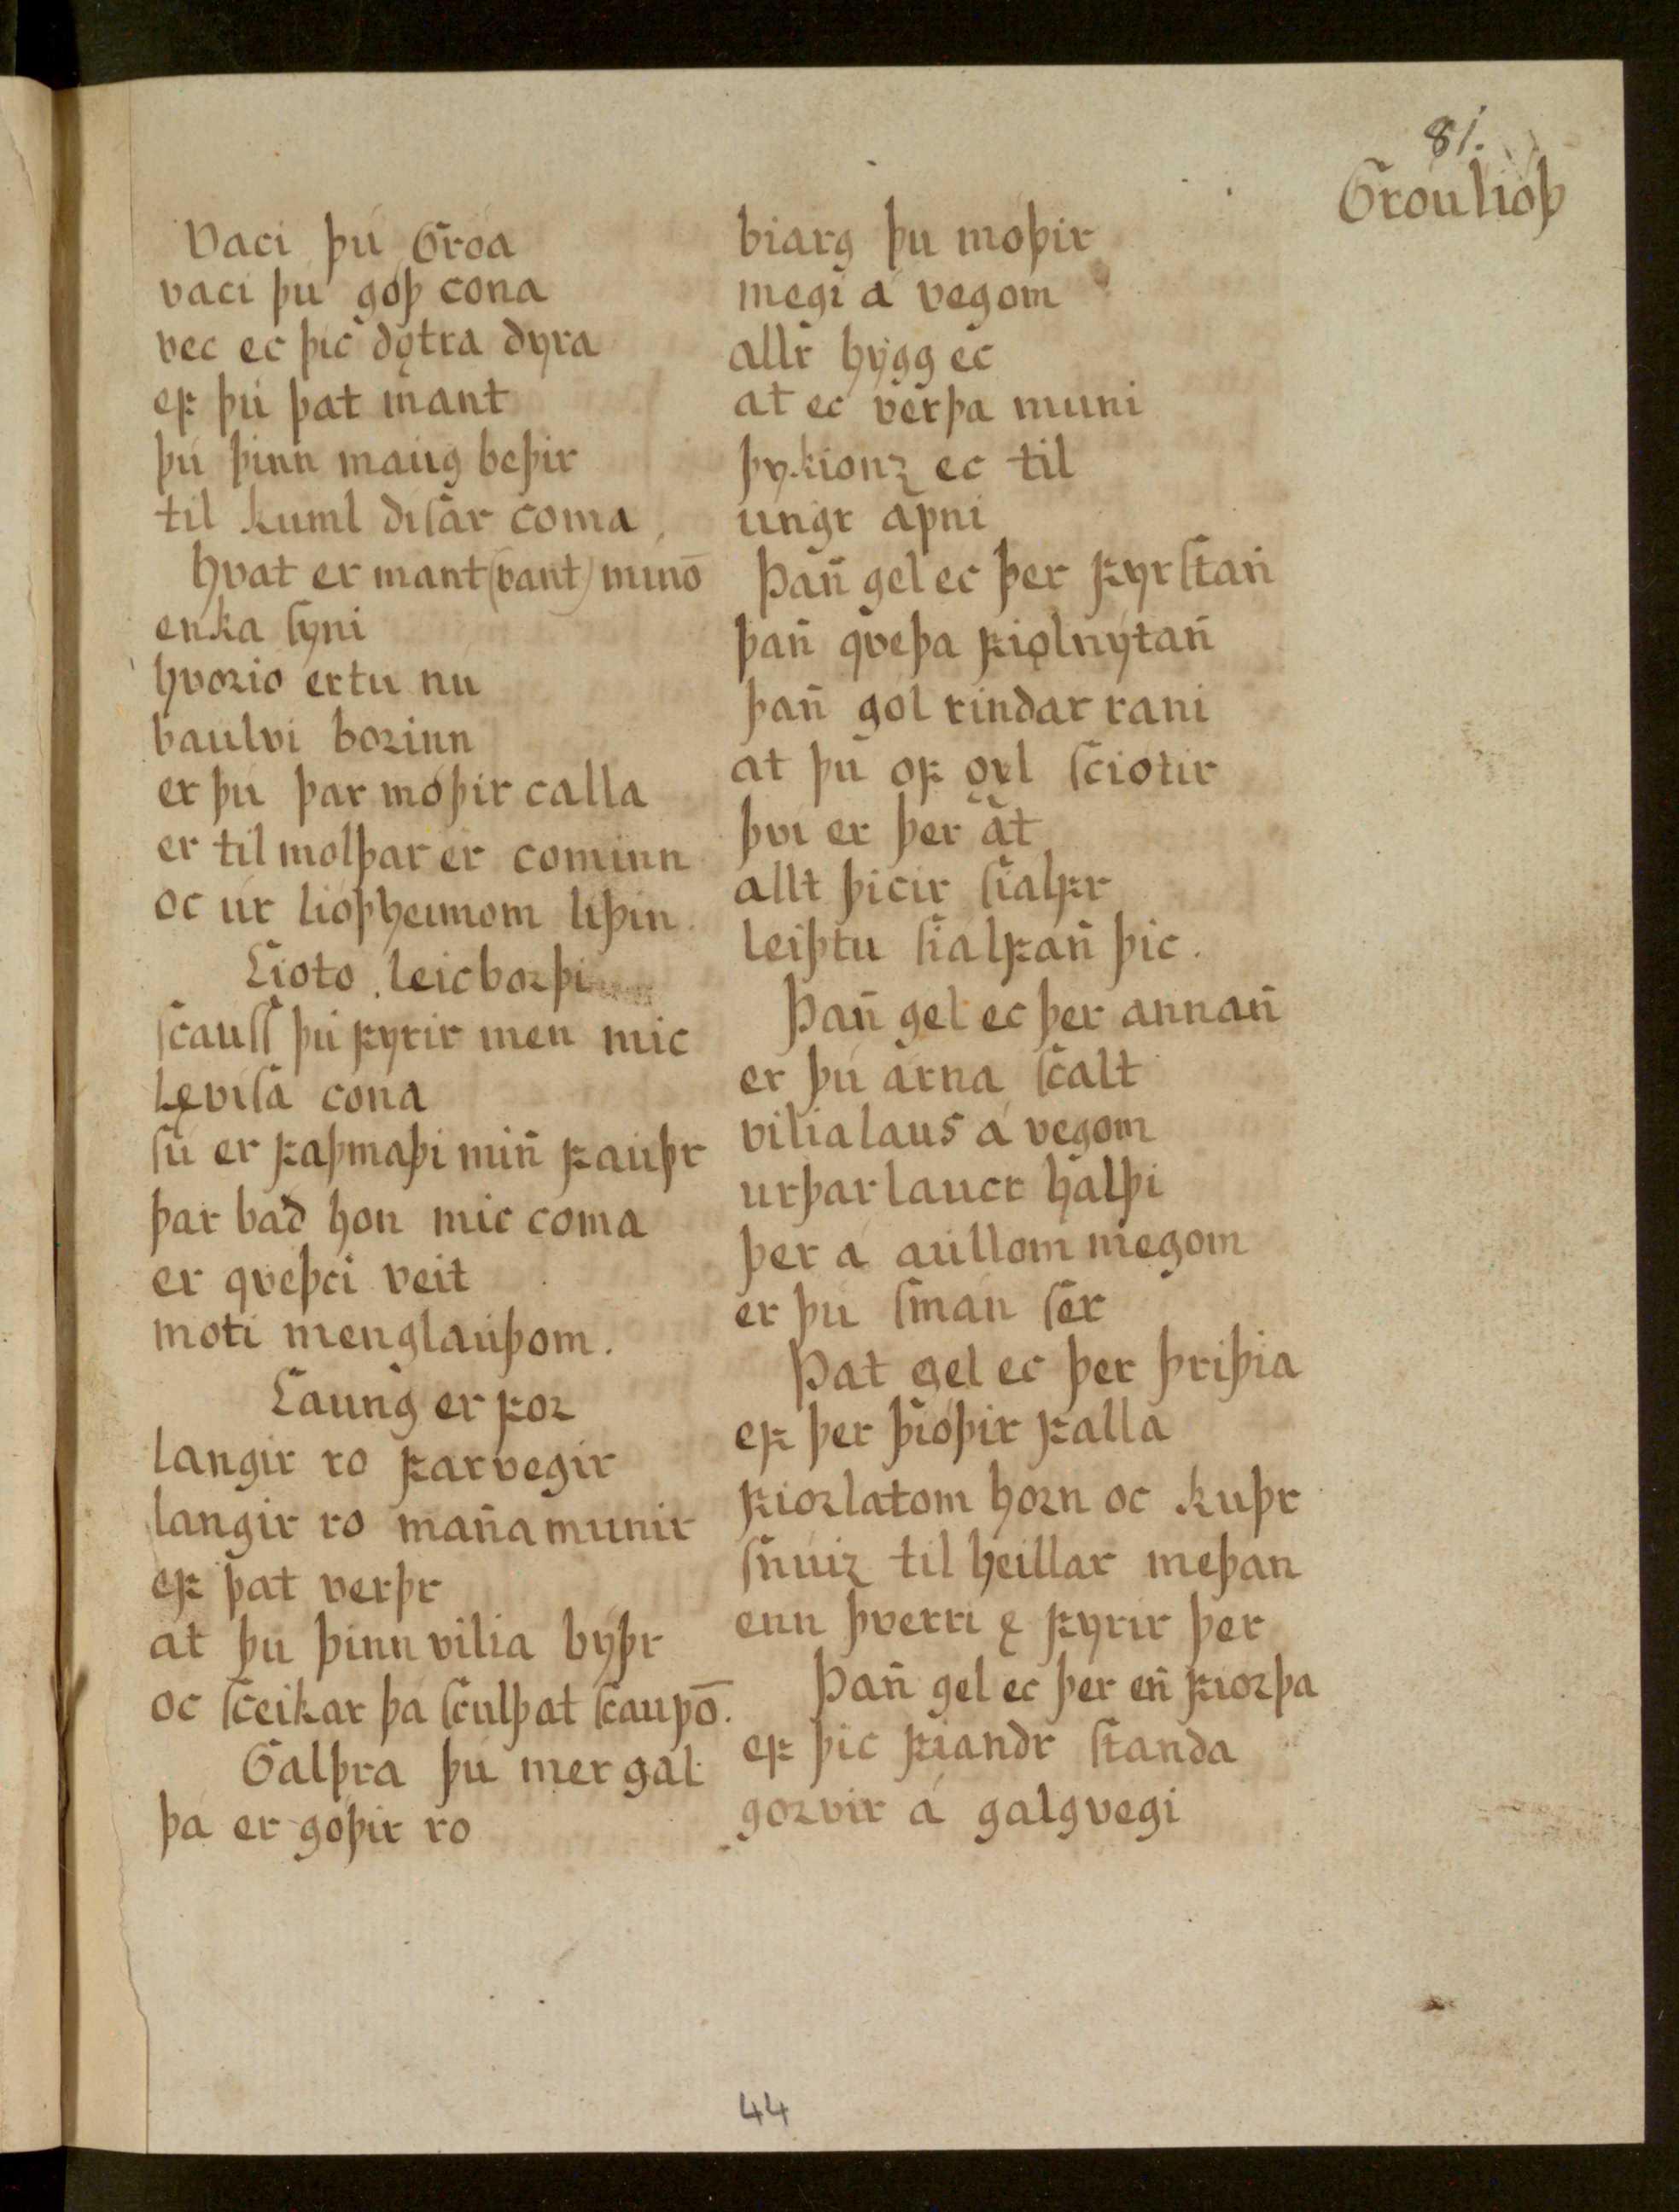 Lbs 1689 4° - 44r